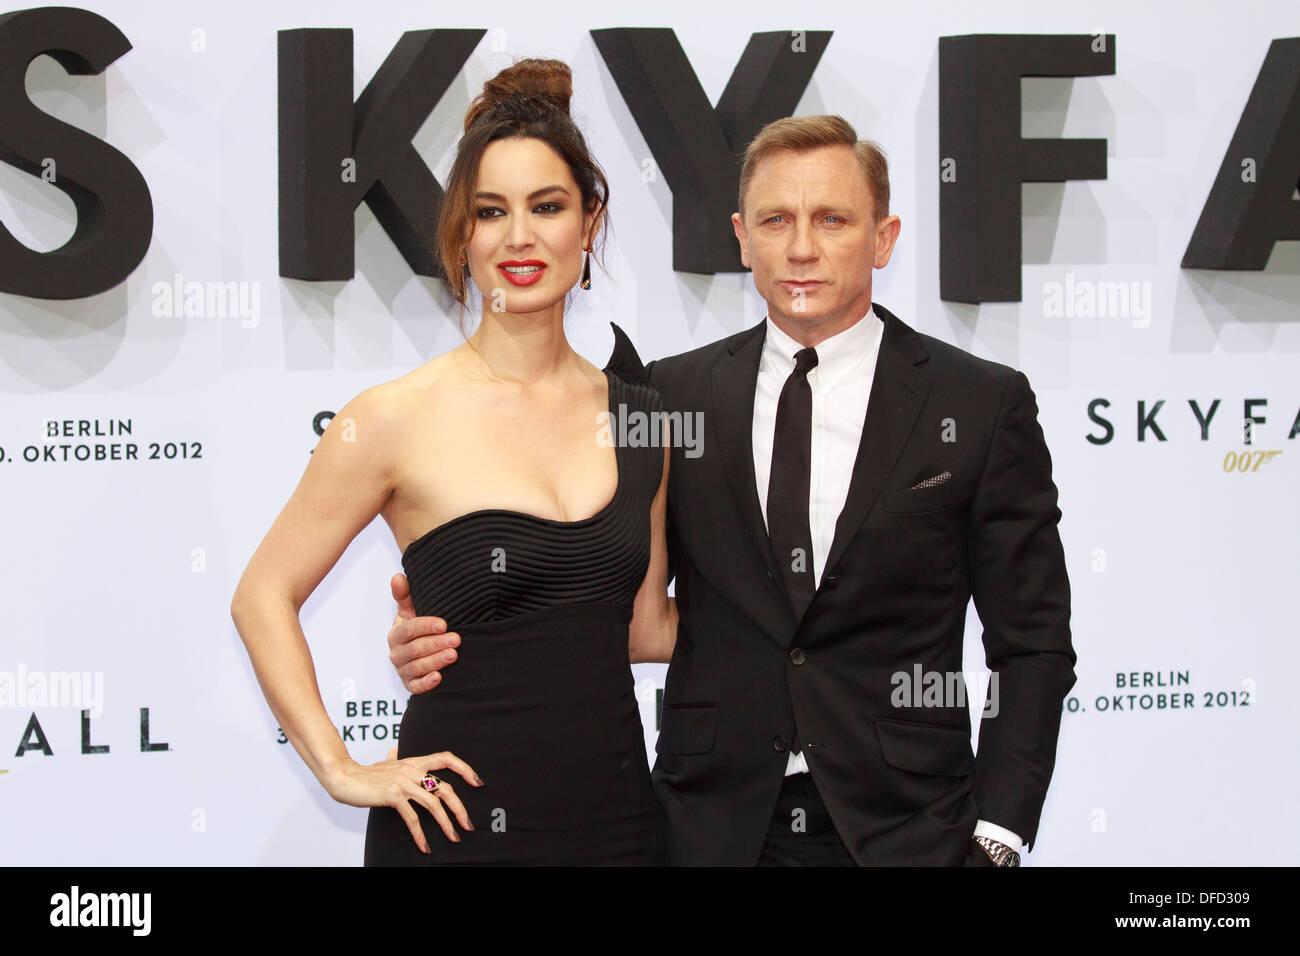 """Schauspieler Daniel Craig und Schauspielerin Berenice Marlohe Bei """"Skyfall"""" Film-Premiere in Berlin am Stockbild"""